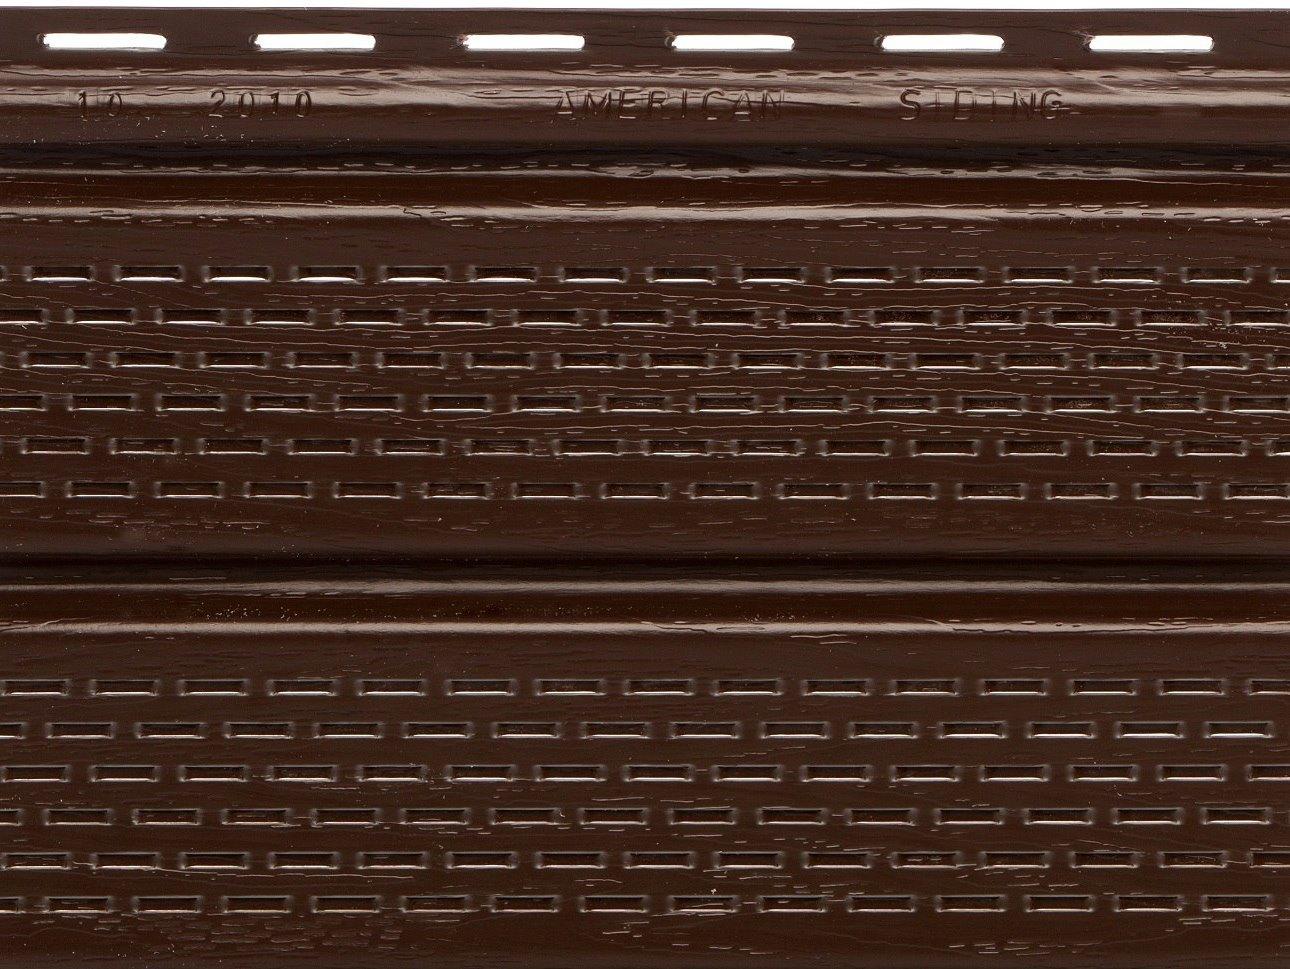 Шоколадный перфорированный софит «American siding» Турция